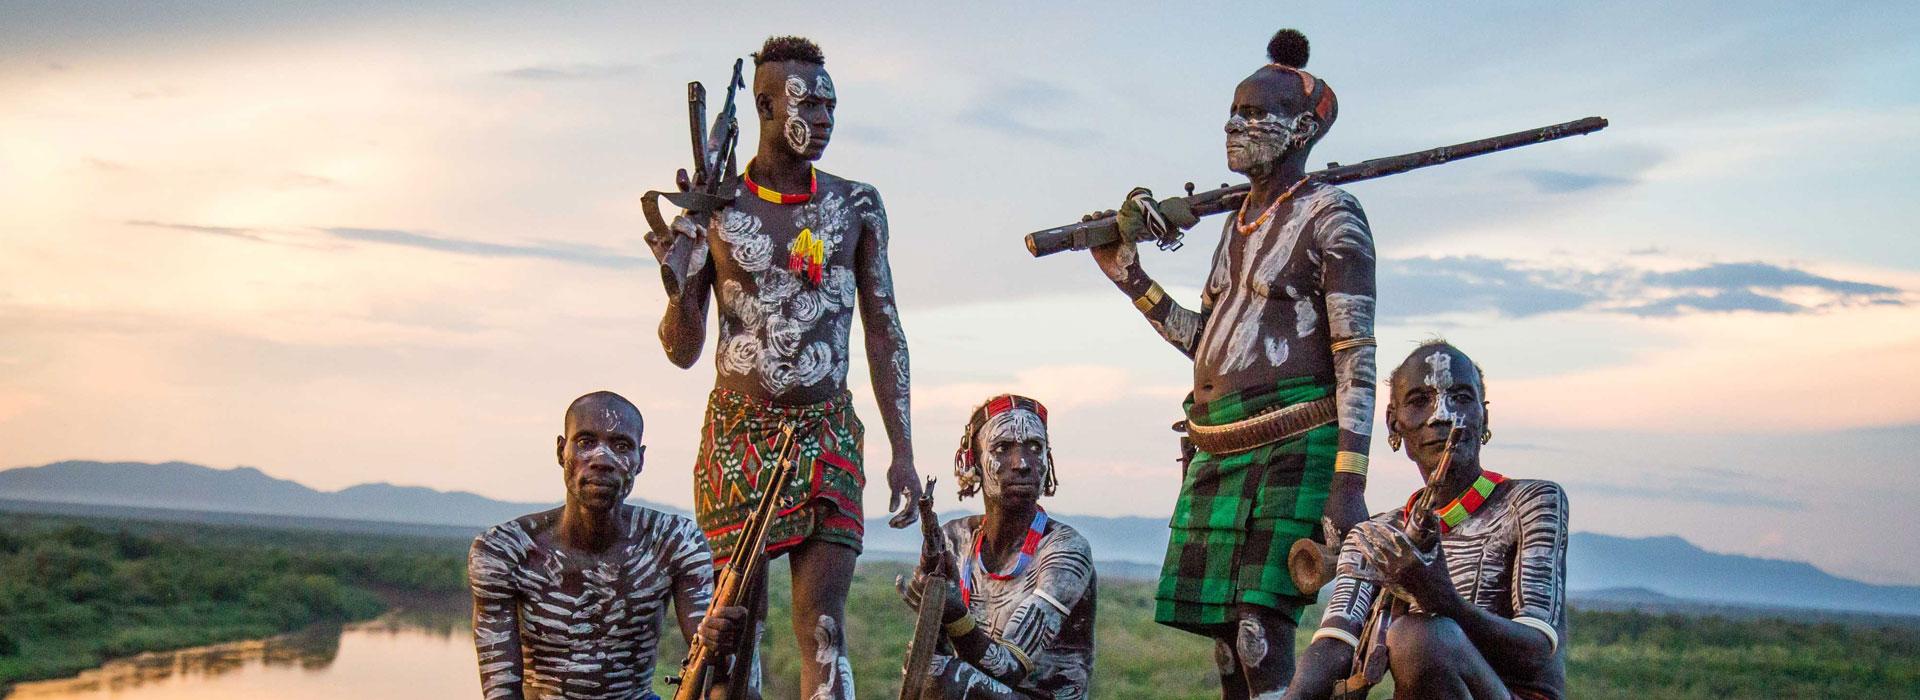 Ethiopia Destinations